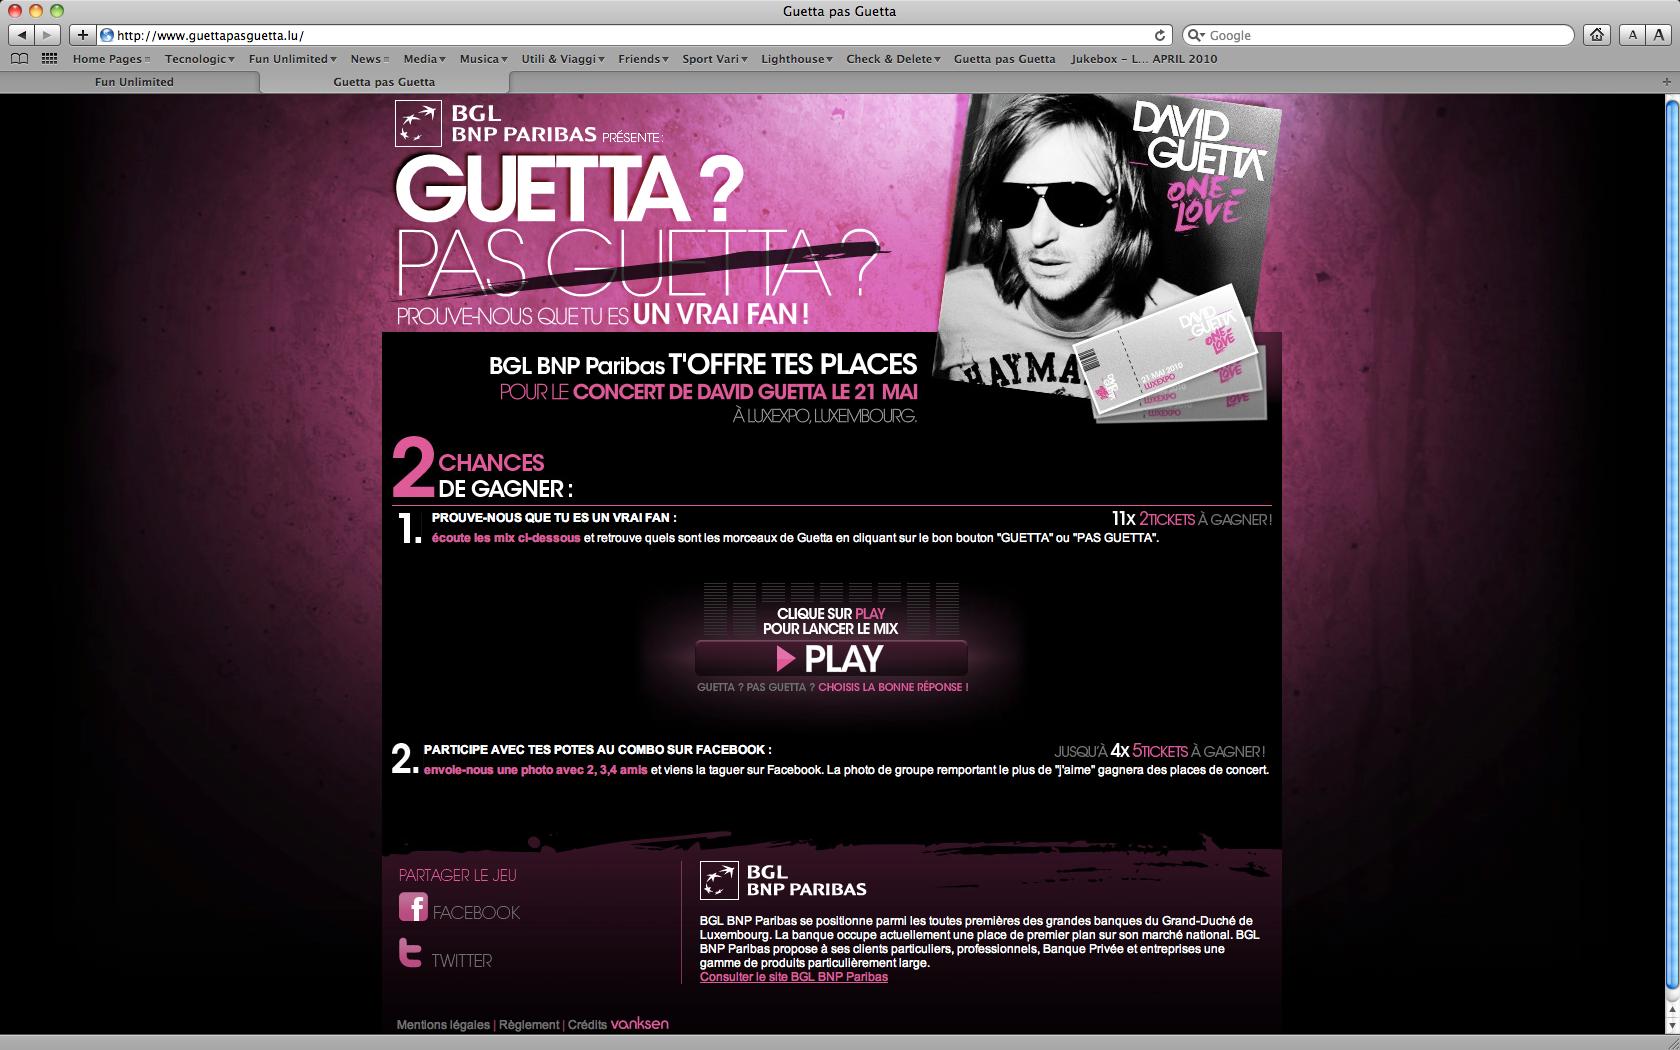 GuettaPasGuetta